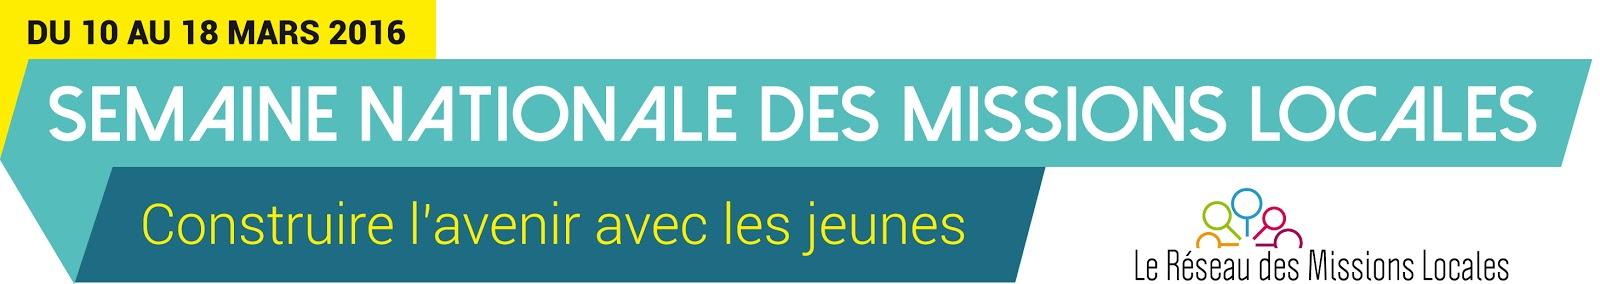 Mission Locale de l\'Agglomération Rouennaise